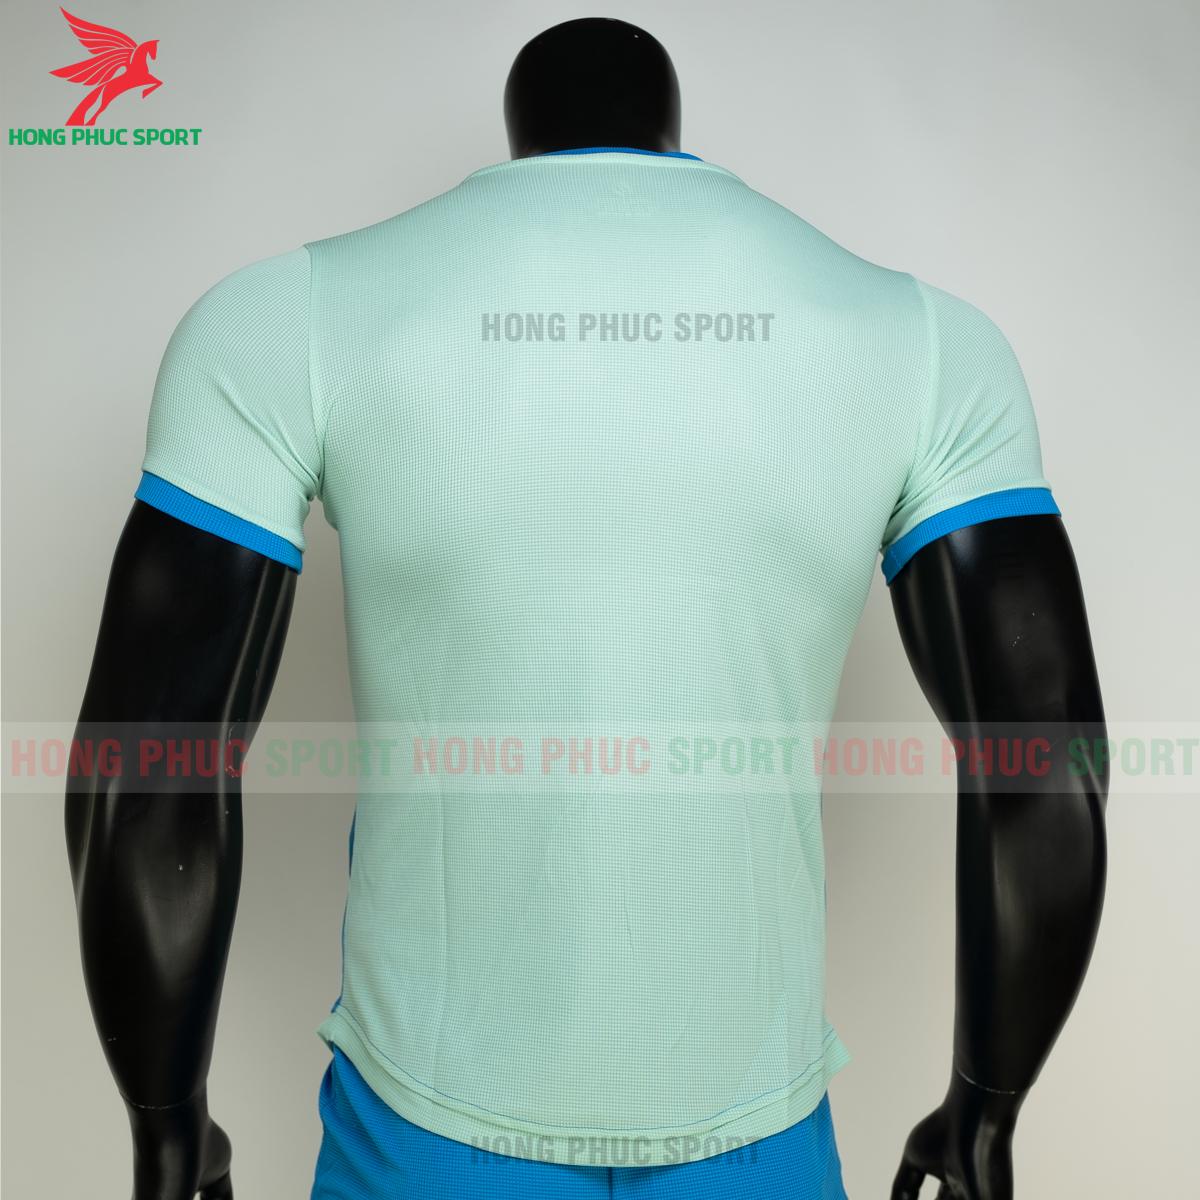 https://cdn.hongphucsport.com/unsafe/s4.shopbay.vn/files/285/ao-bong-da-khong-logo-zikco-z01-mau-xanh-ngoc-7-60502970cfd56.png